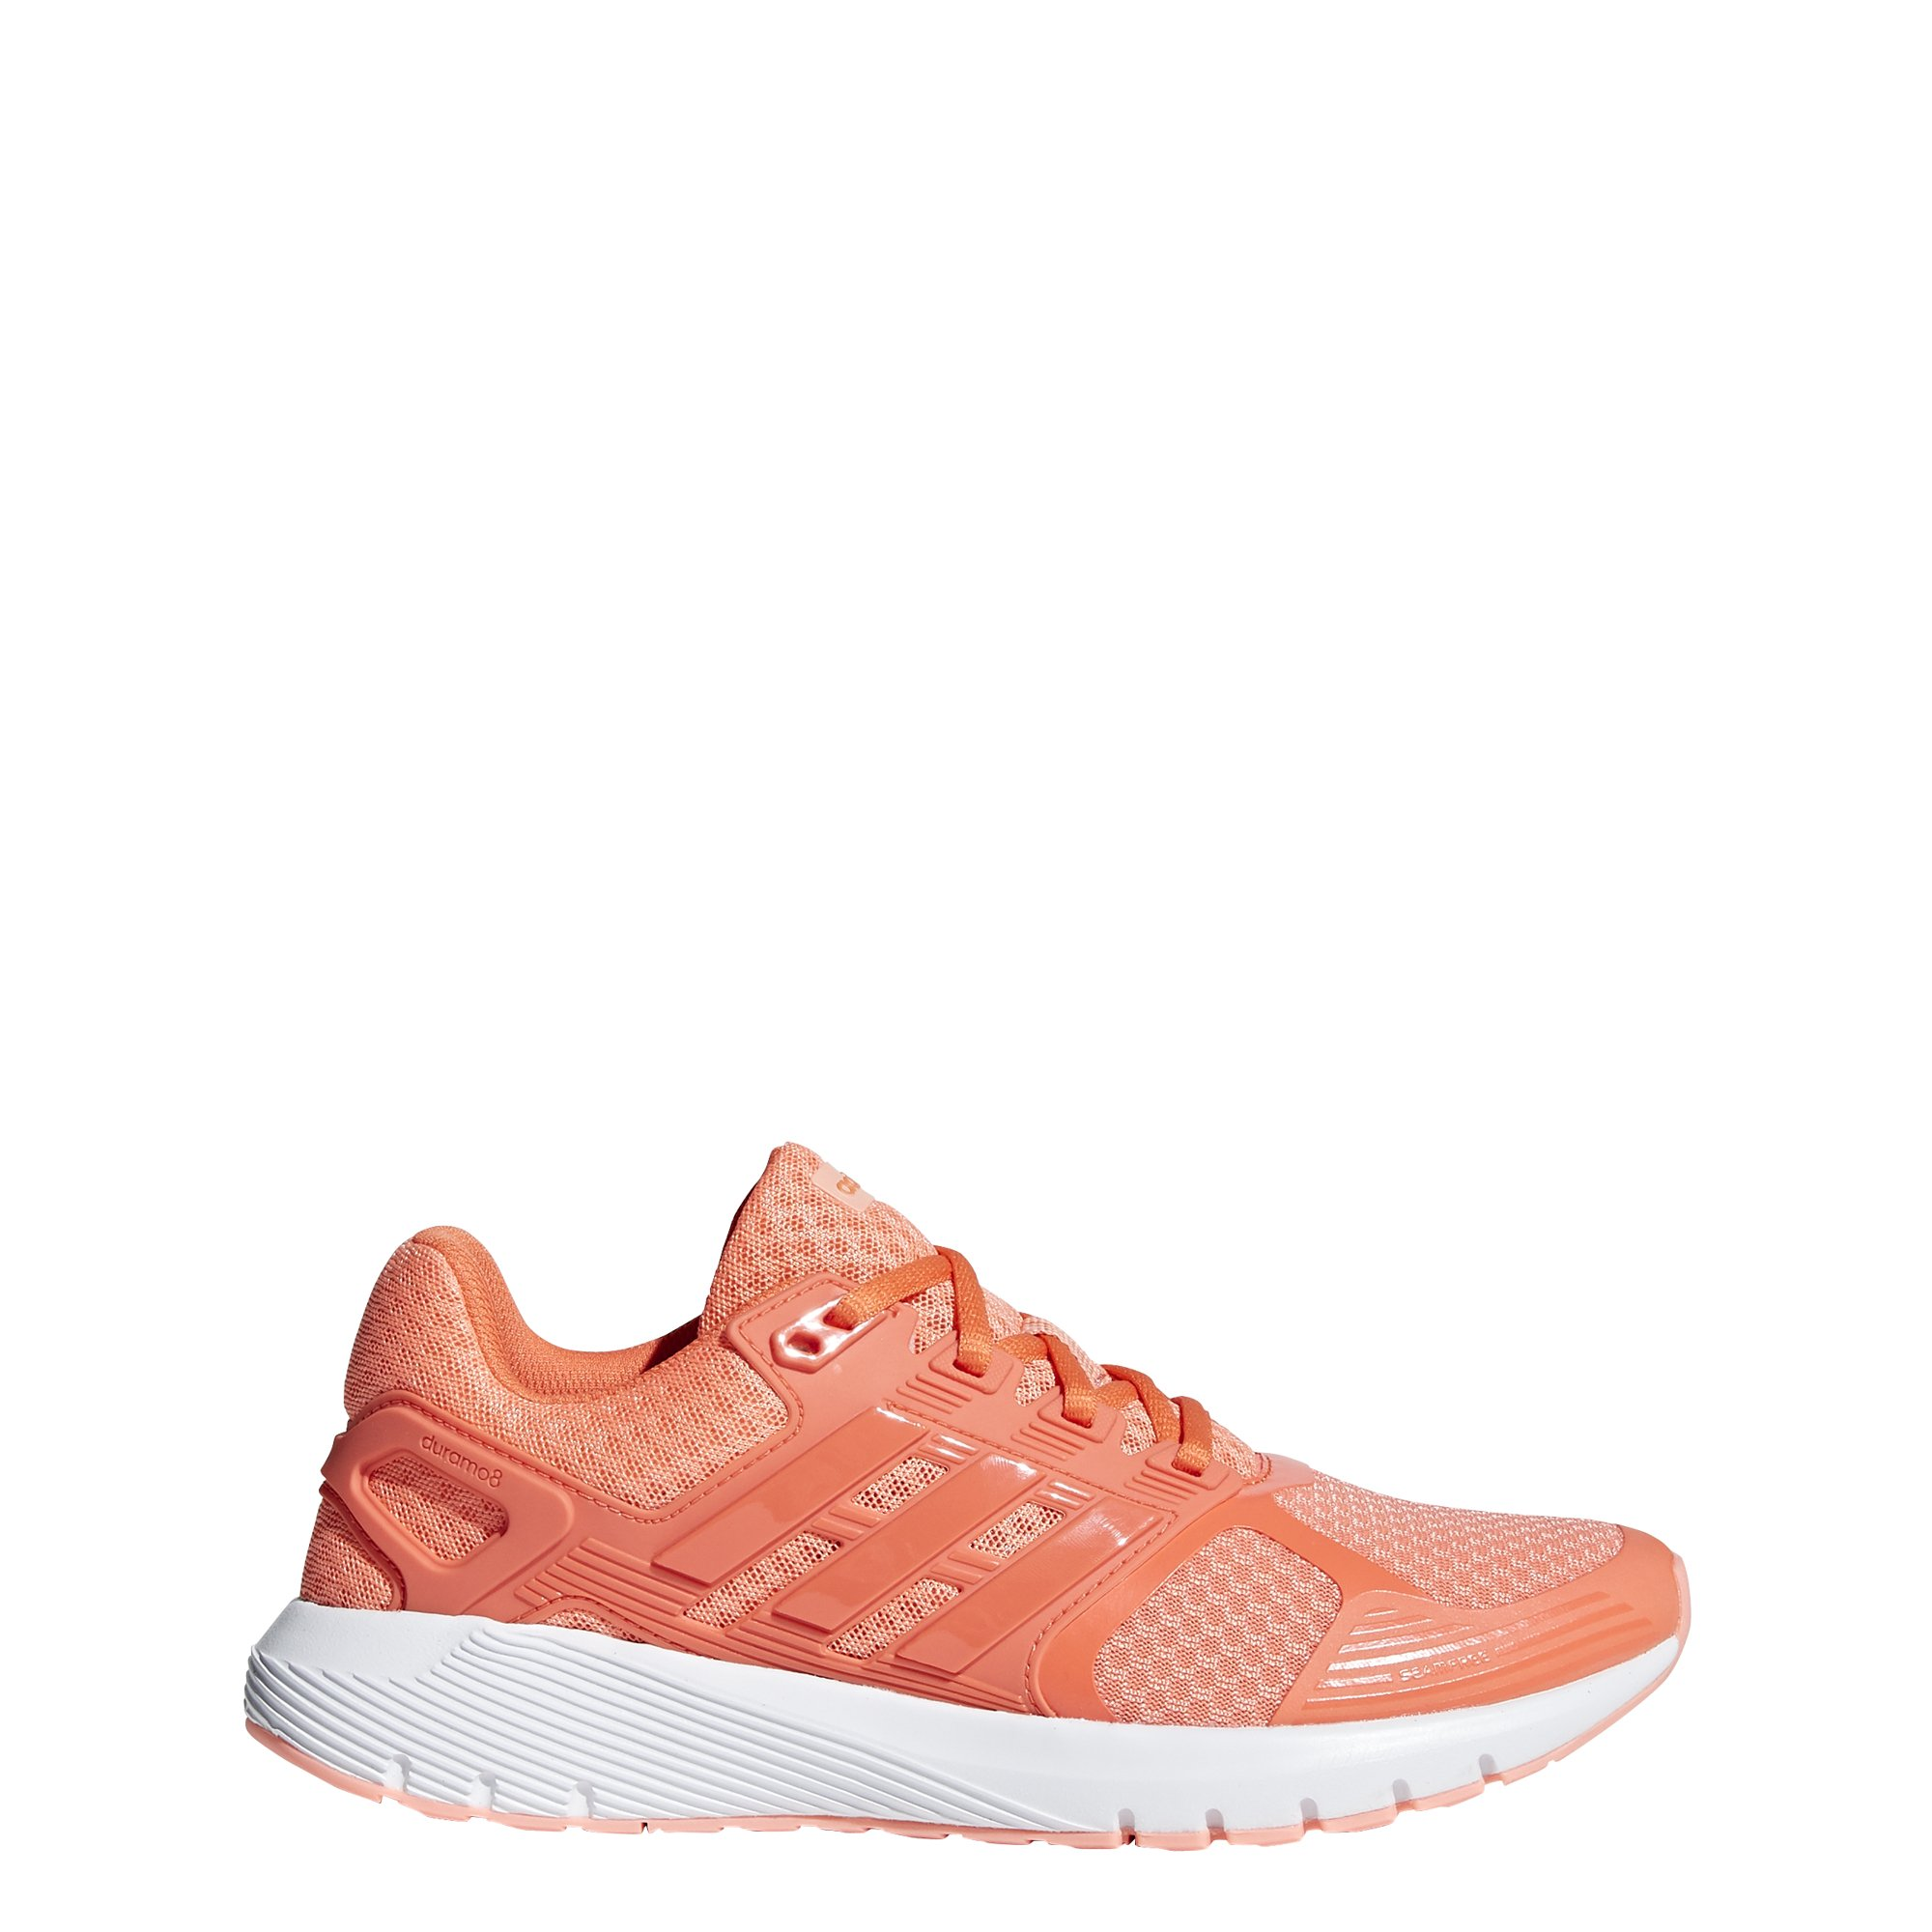 uk availability acbaa 57673 Adidas Duramo 8 W, Scarpe da Trail Running Donna – Spesavip